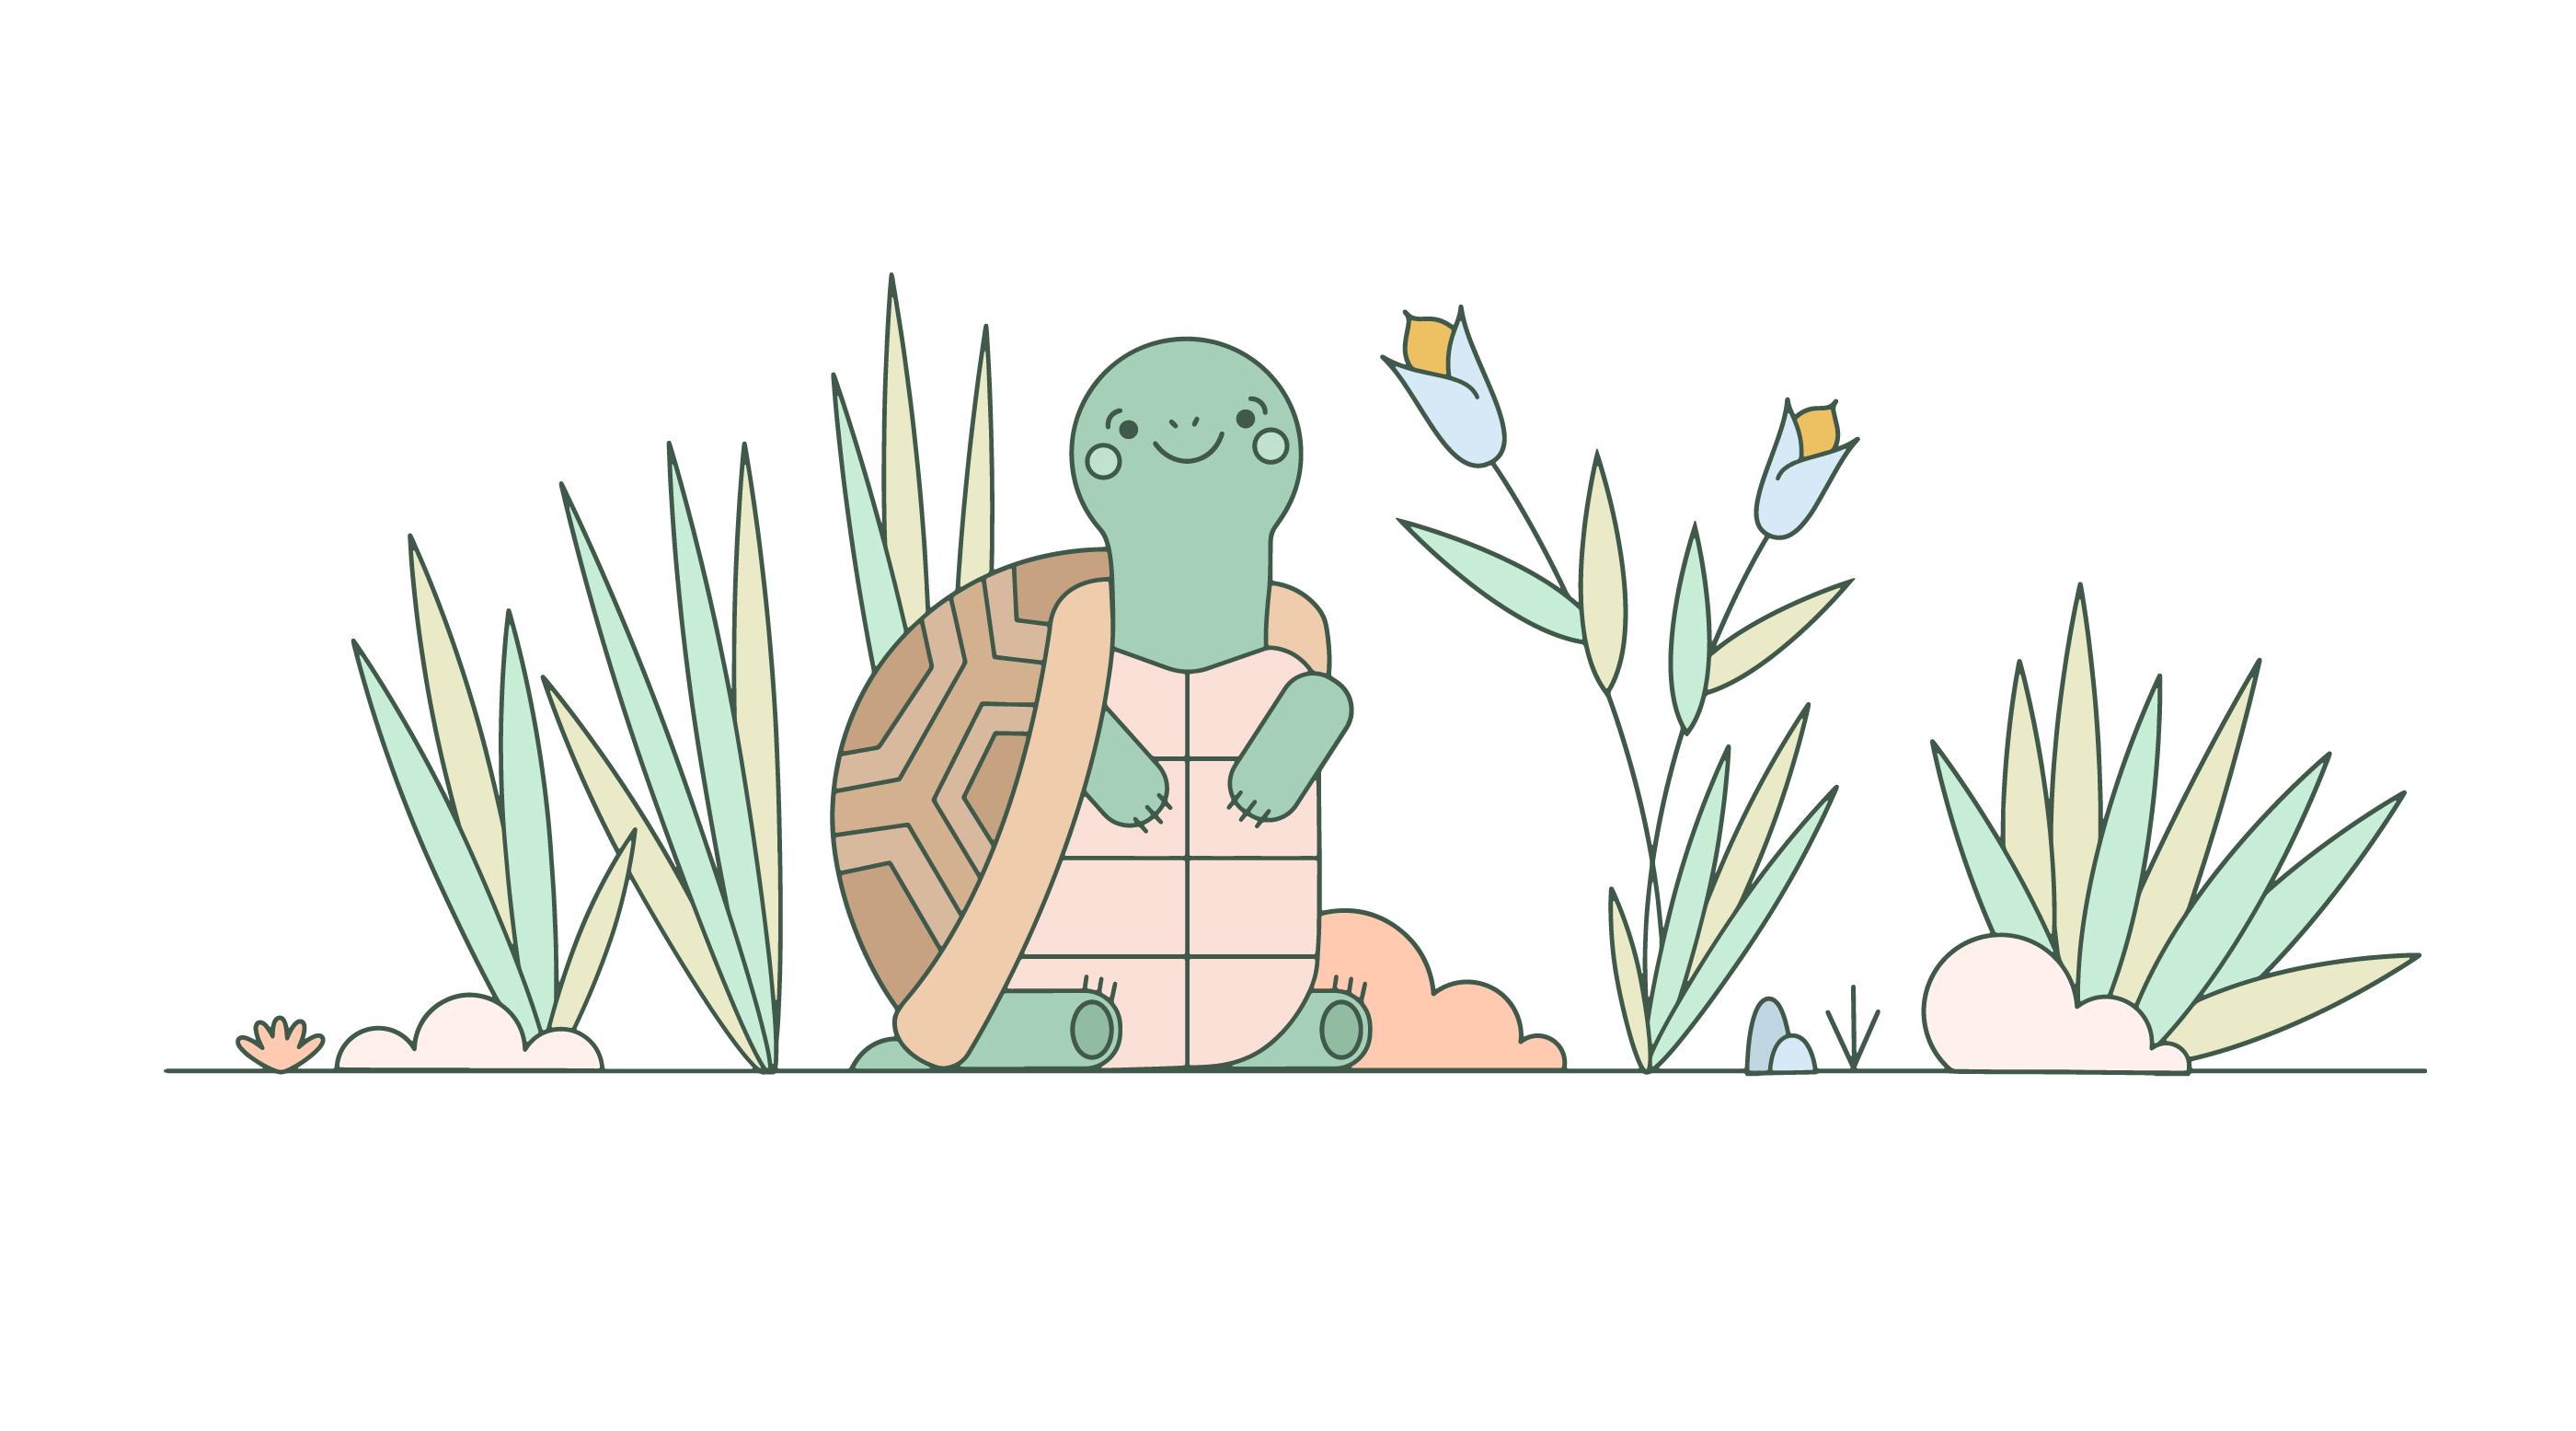 烏龜卡通 免費下載 | 天天瘋後製